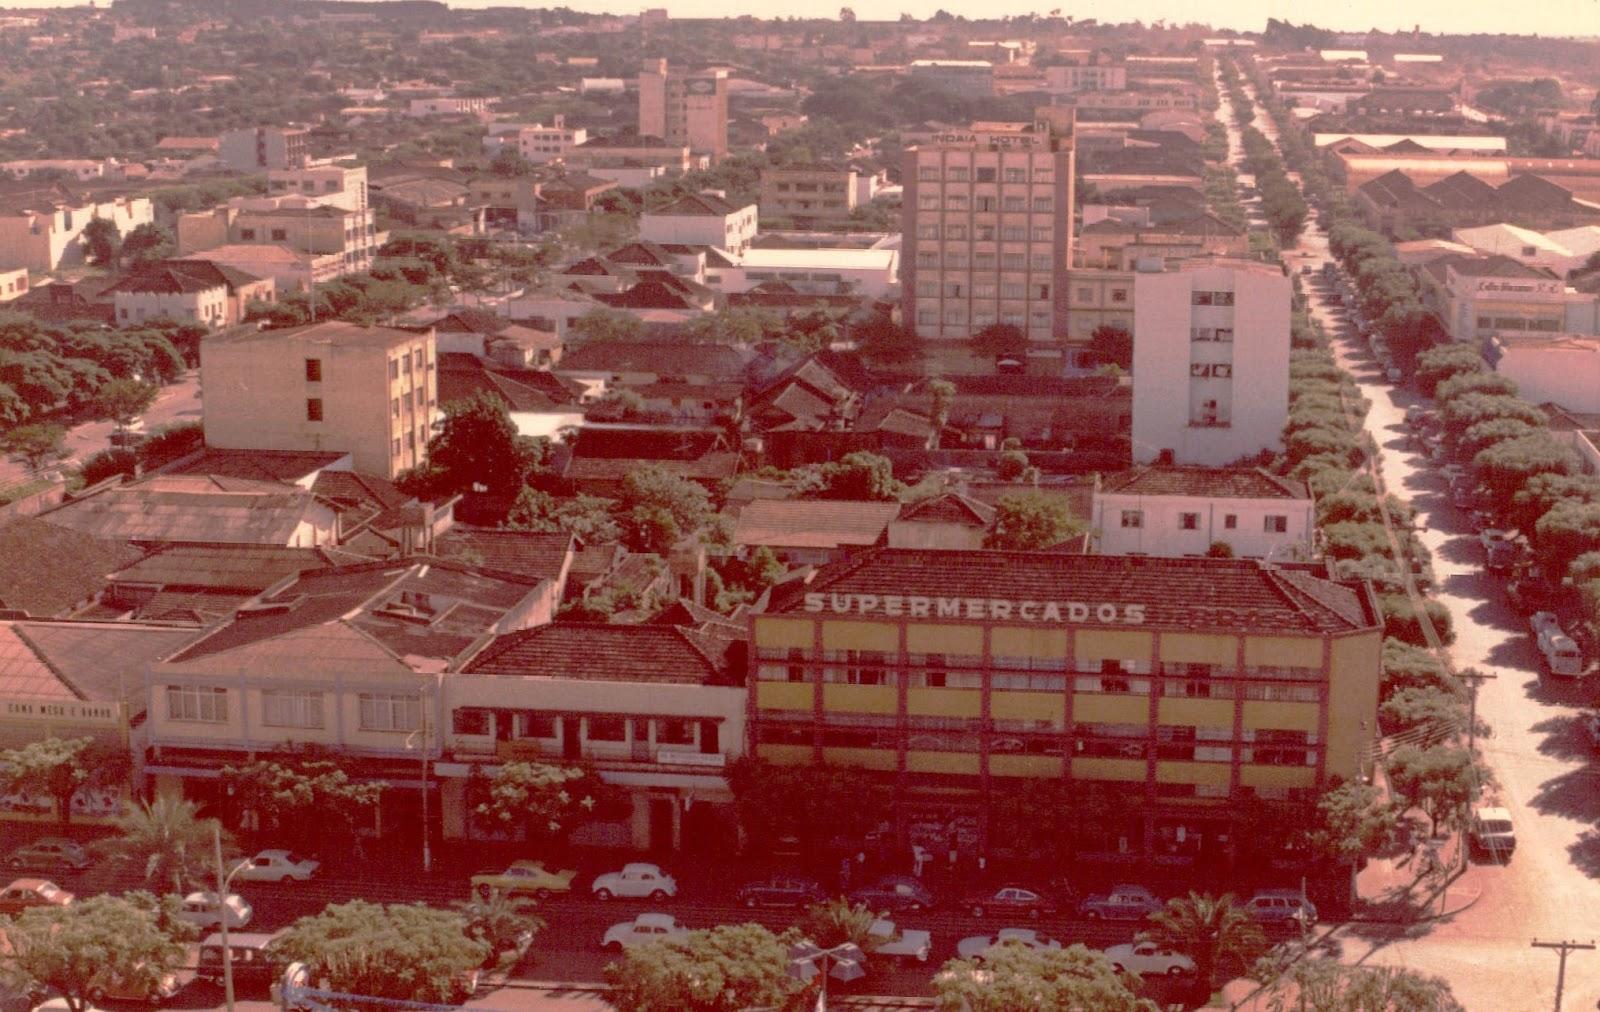 Avenida Duque de Caxias esquina com a rua Joubert de Carvalho - Década de 1970